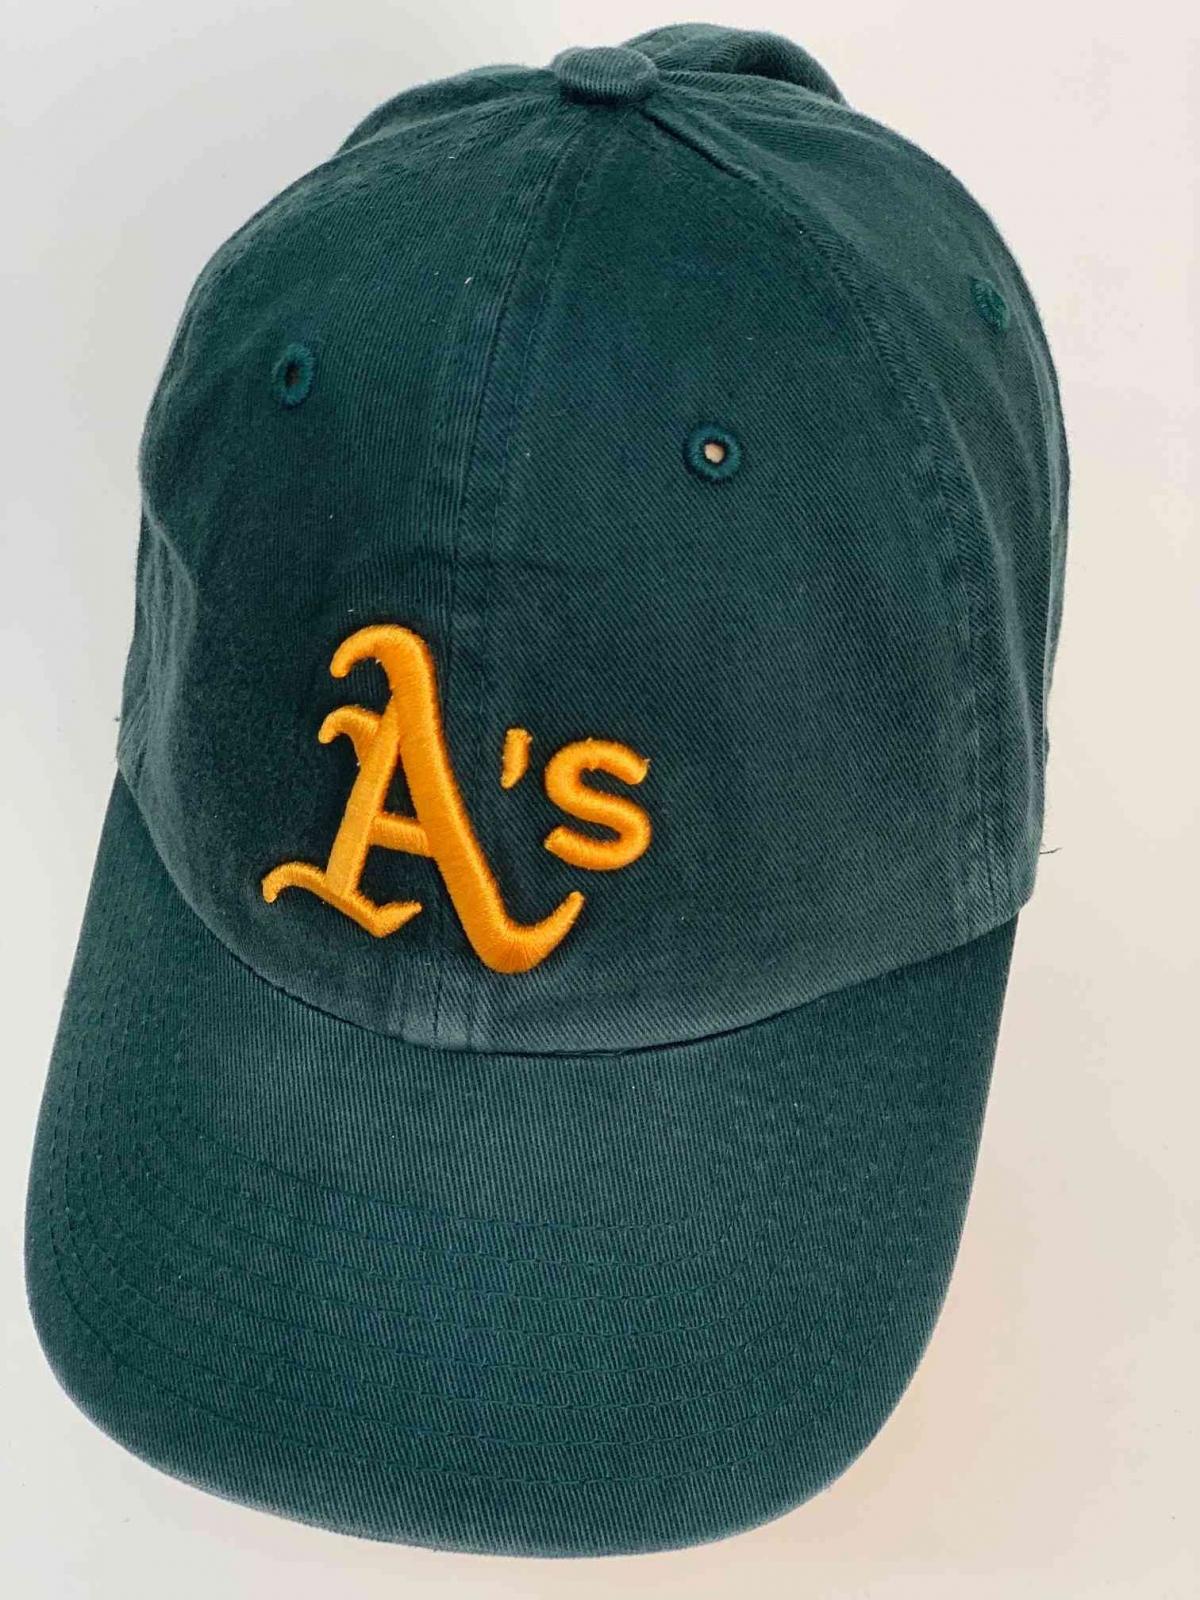 Клёвая кепка для бейсболистов и болельщиков Oakland Athletics